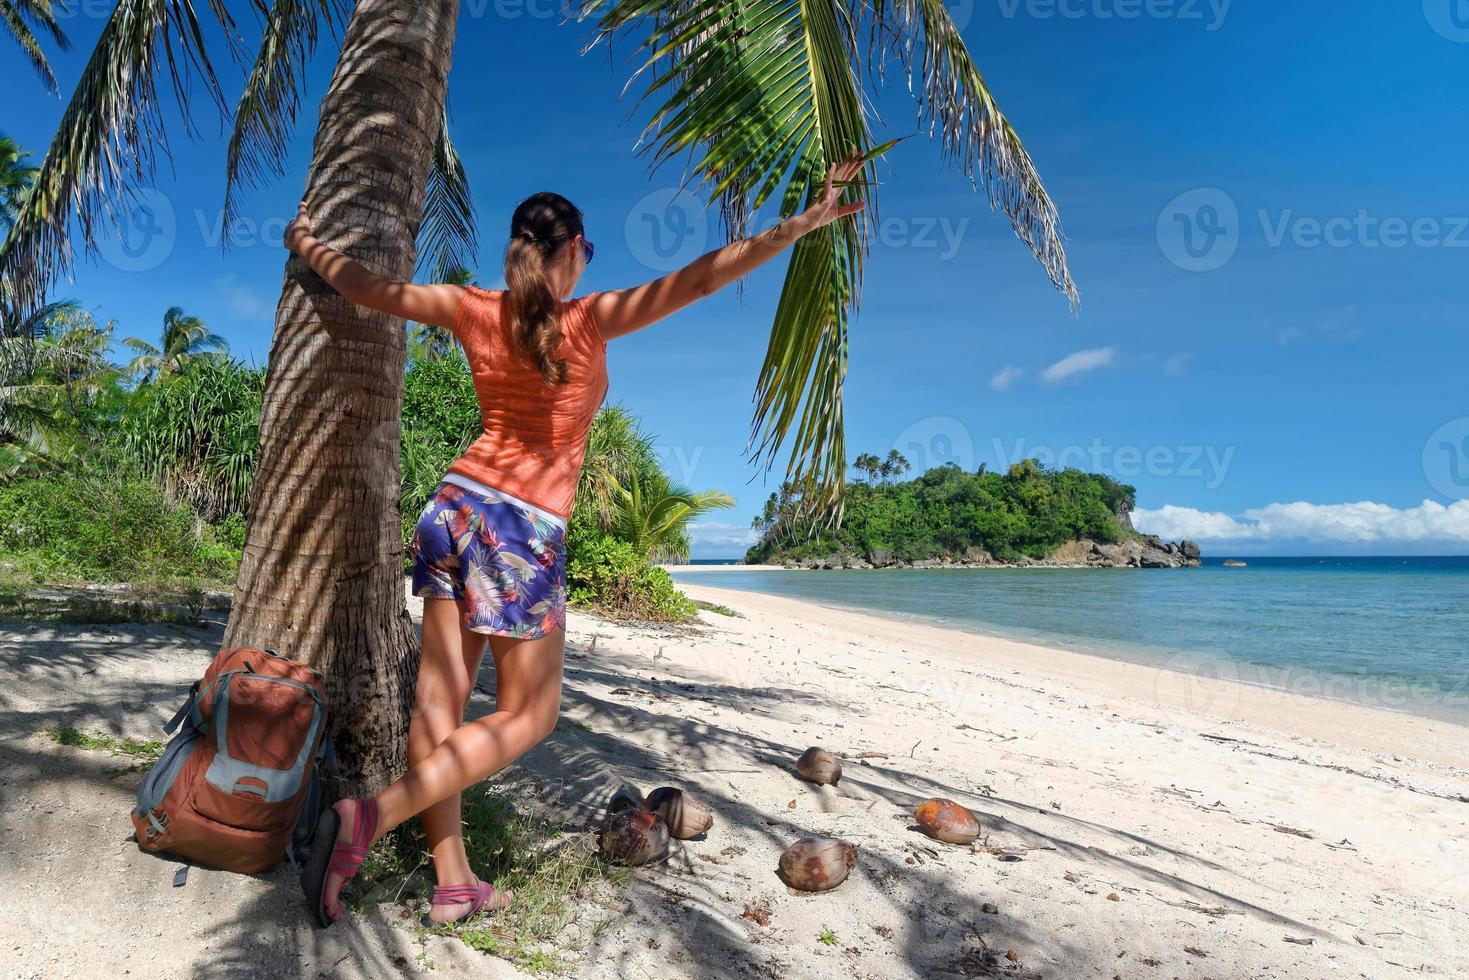 ragazza turistica che gode della vista della bellissima isola e spiaggia. foto